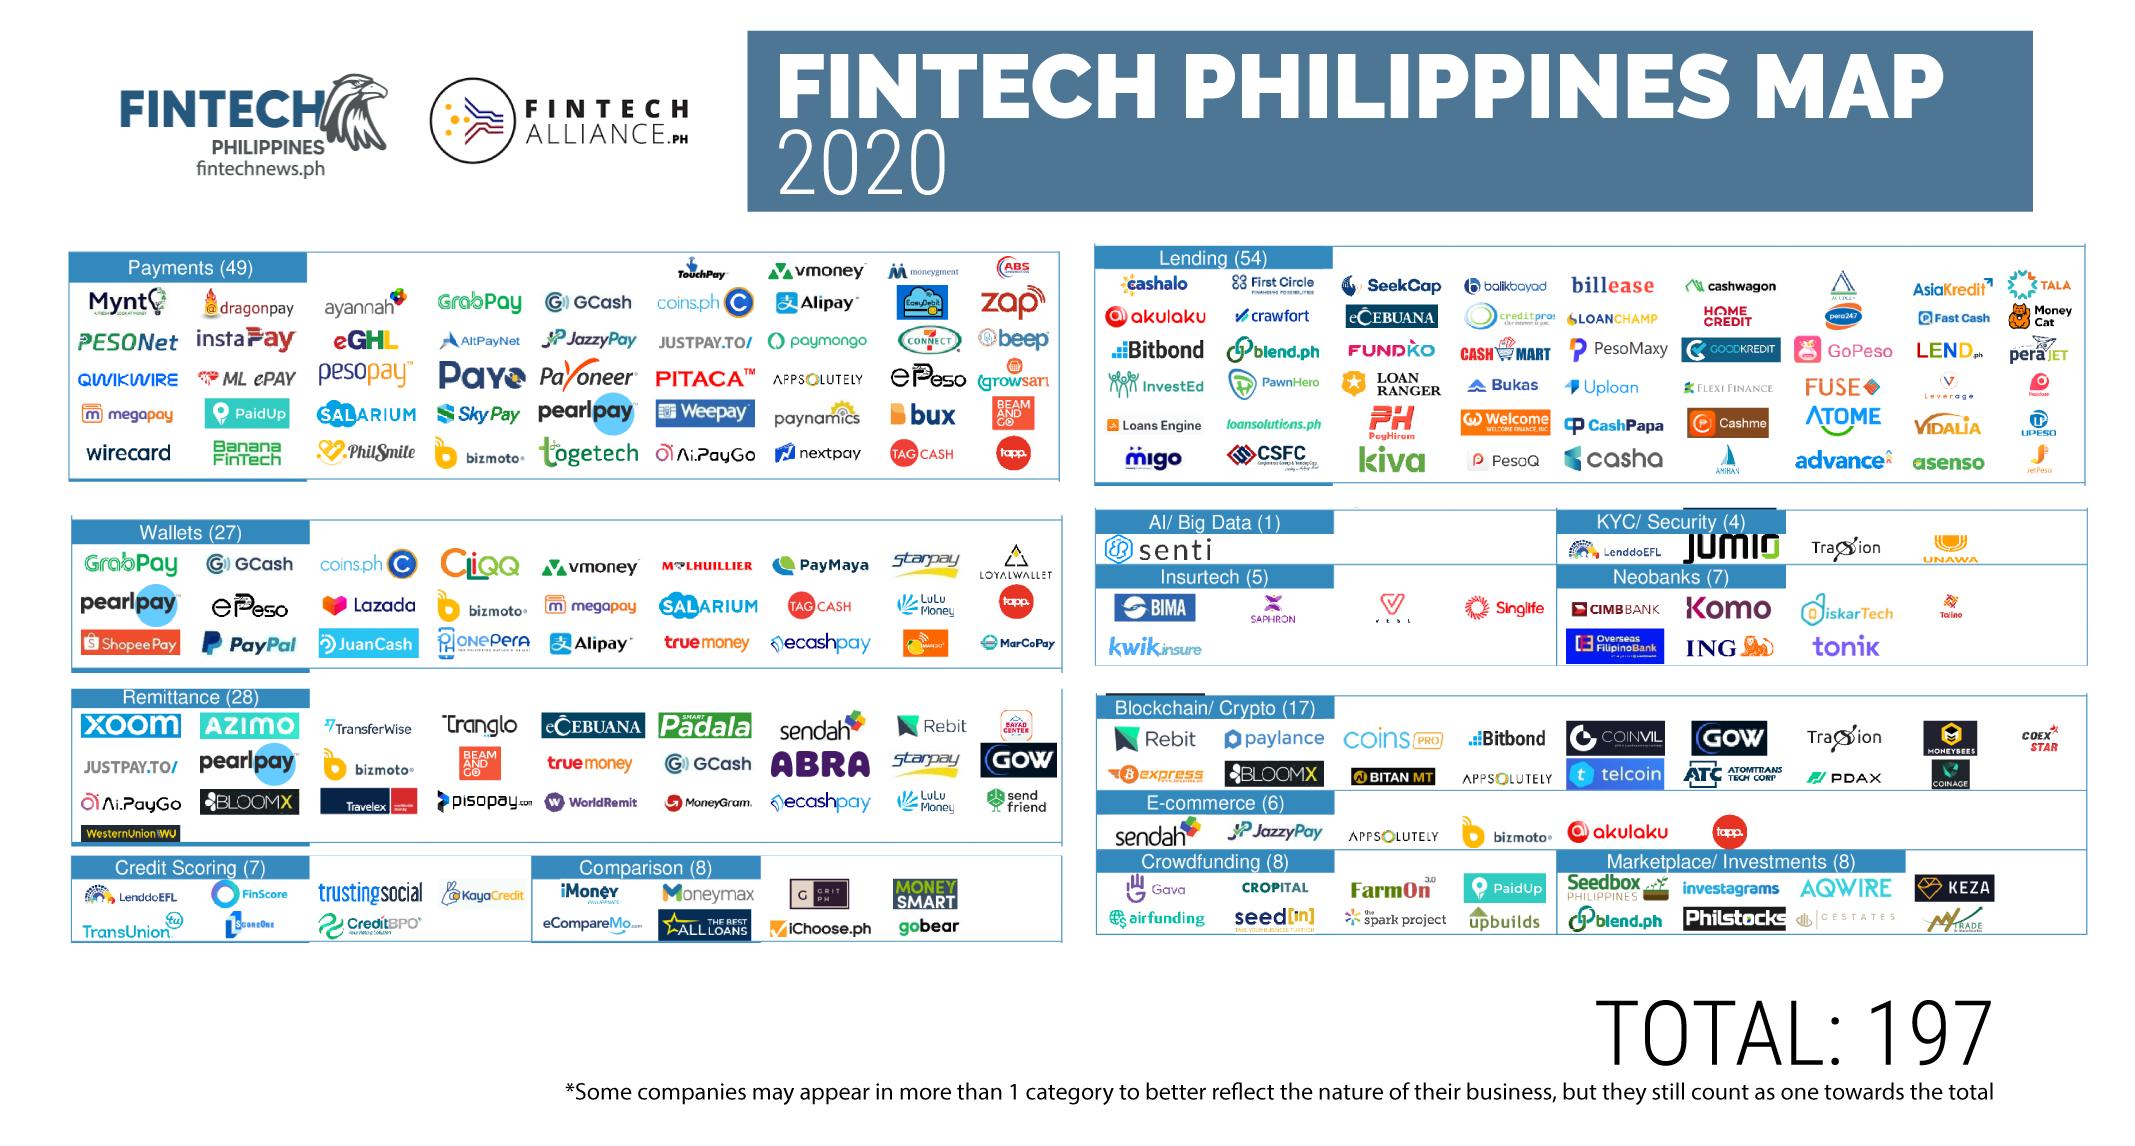 2020 Philippine fintech map